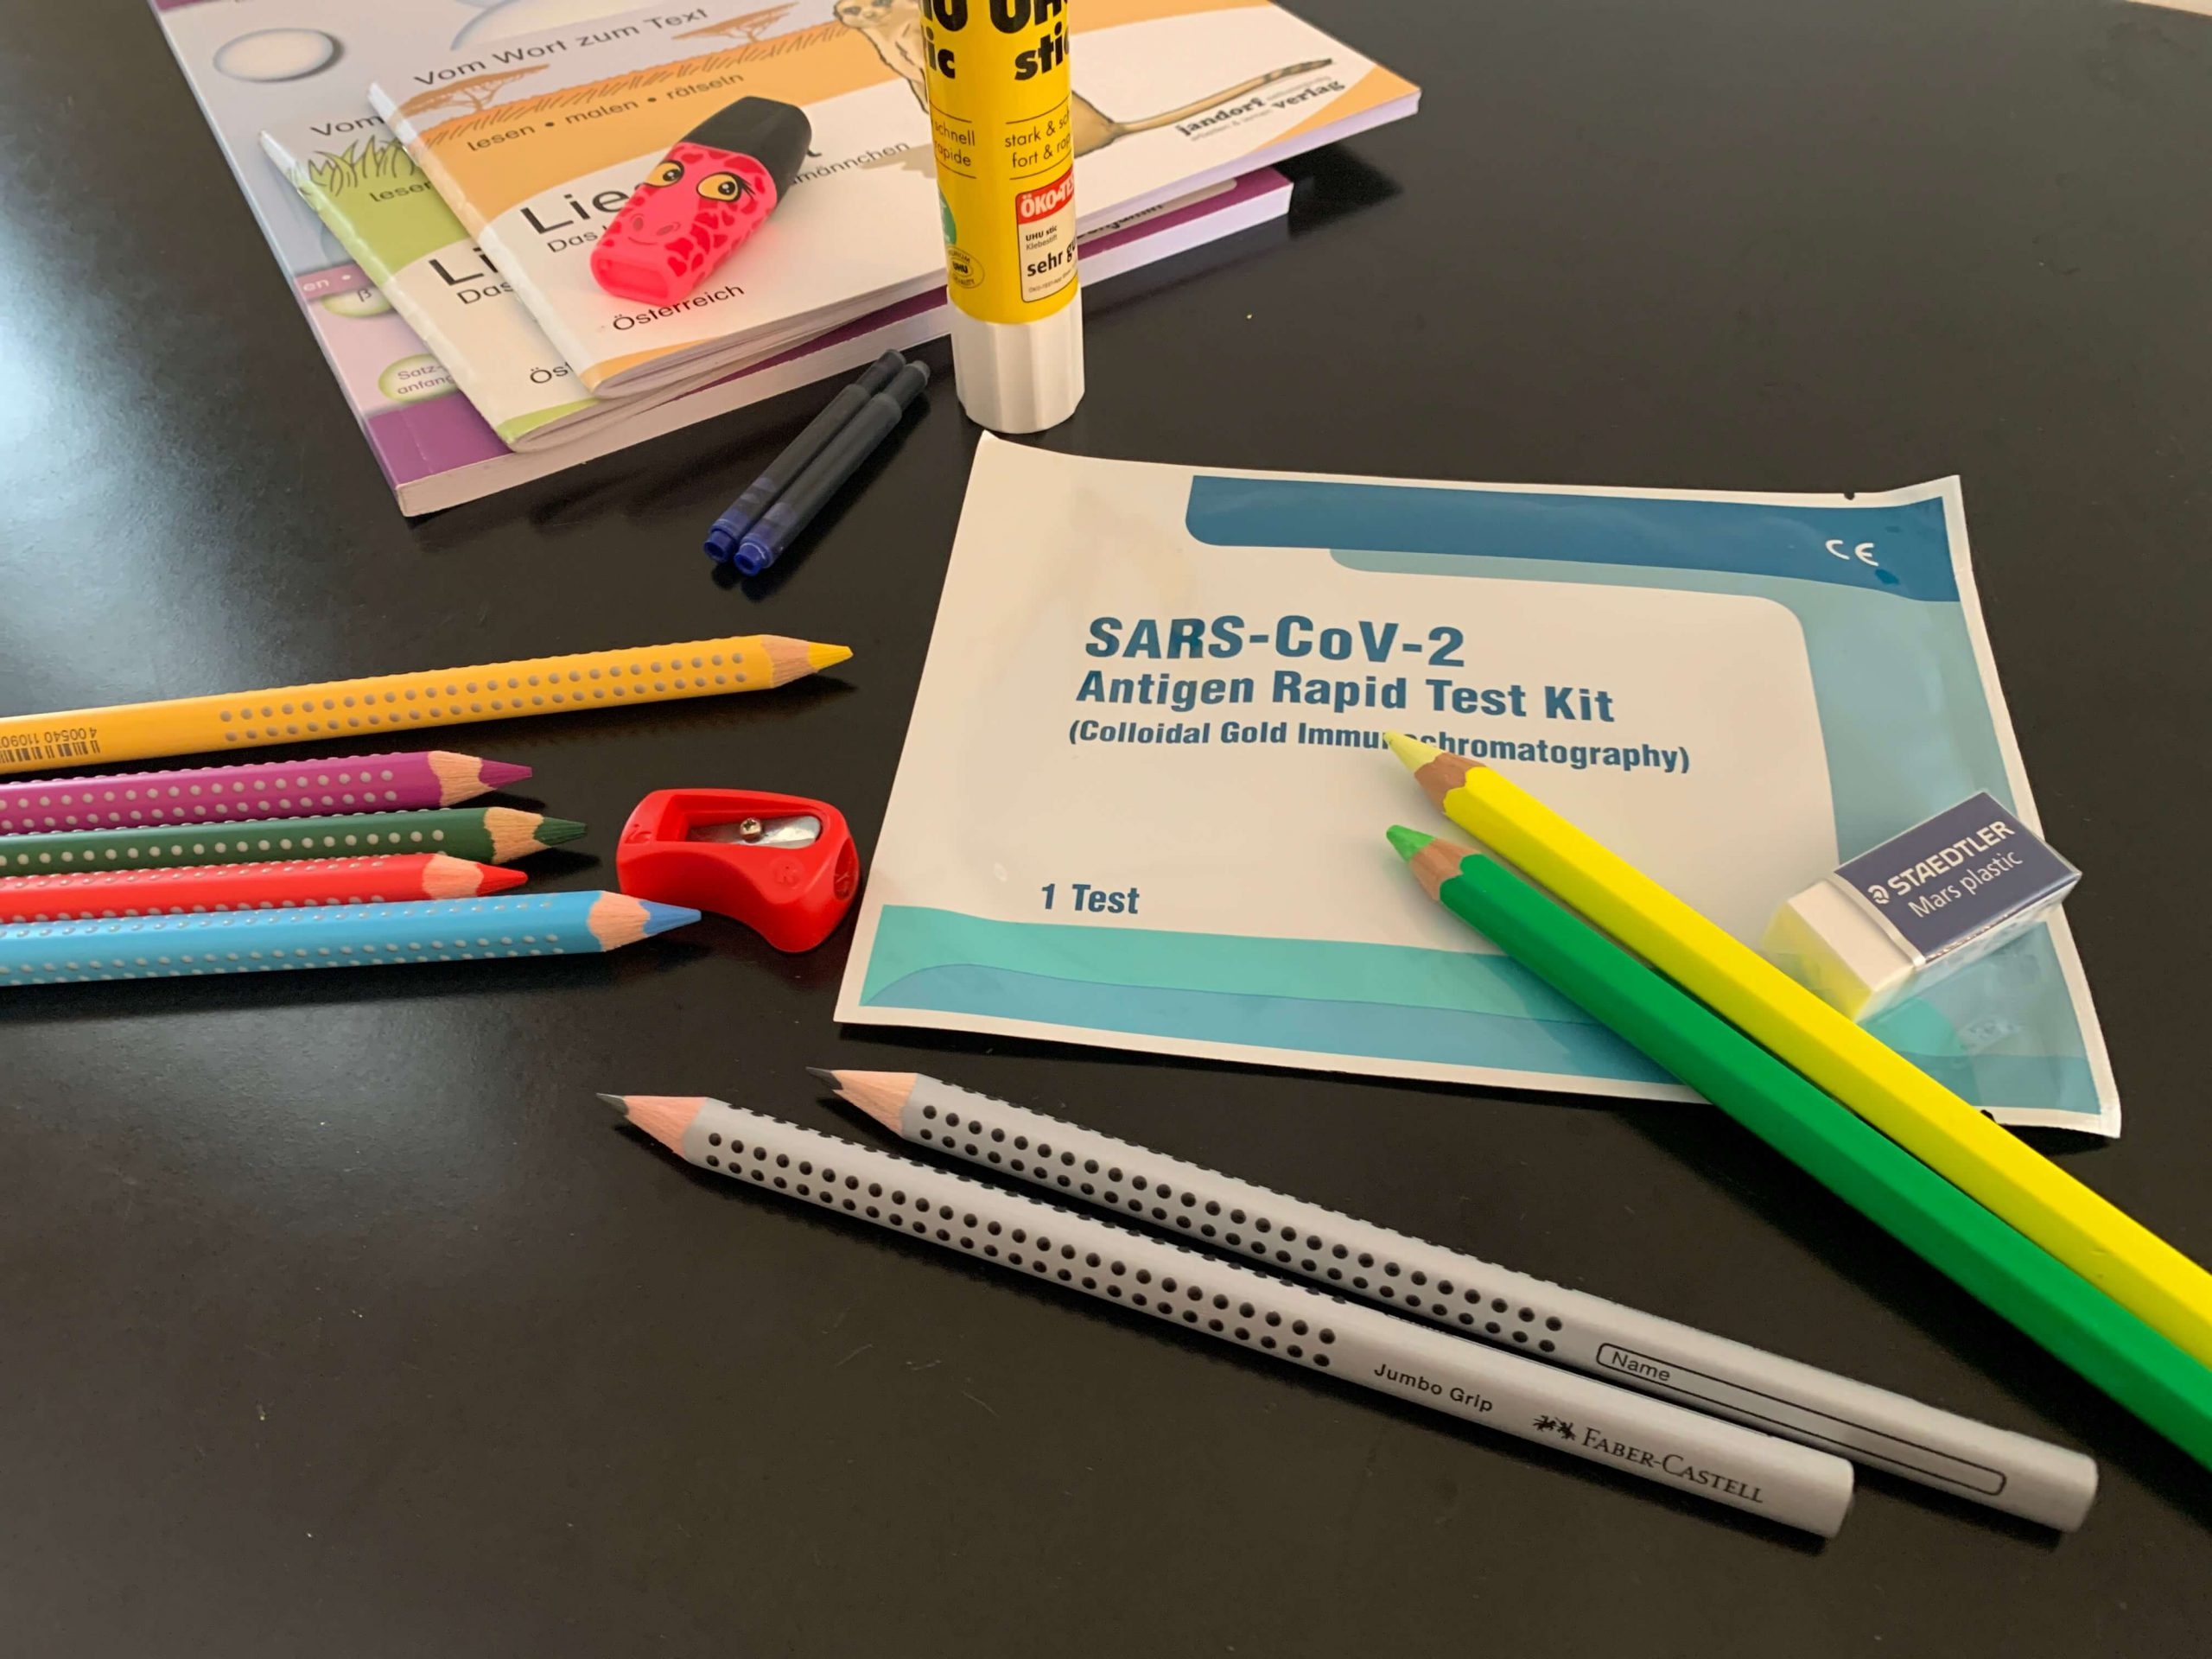 Farbstifte, Schulbücher und Corona-Test